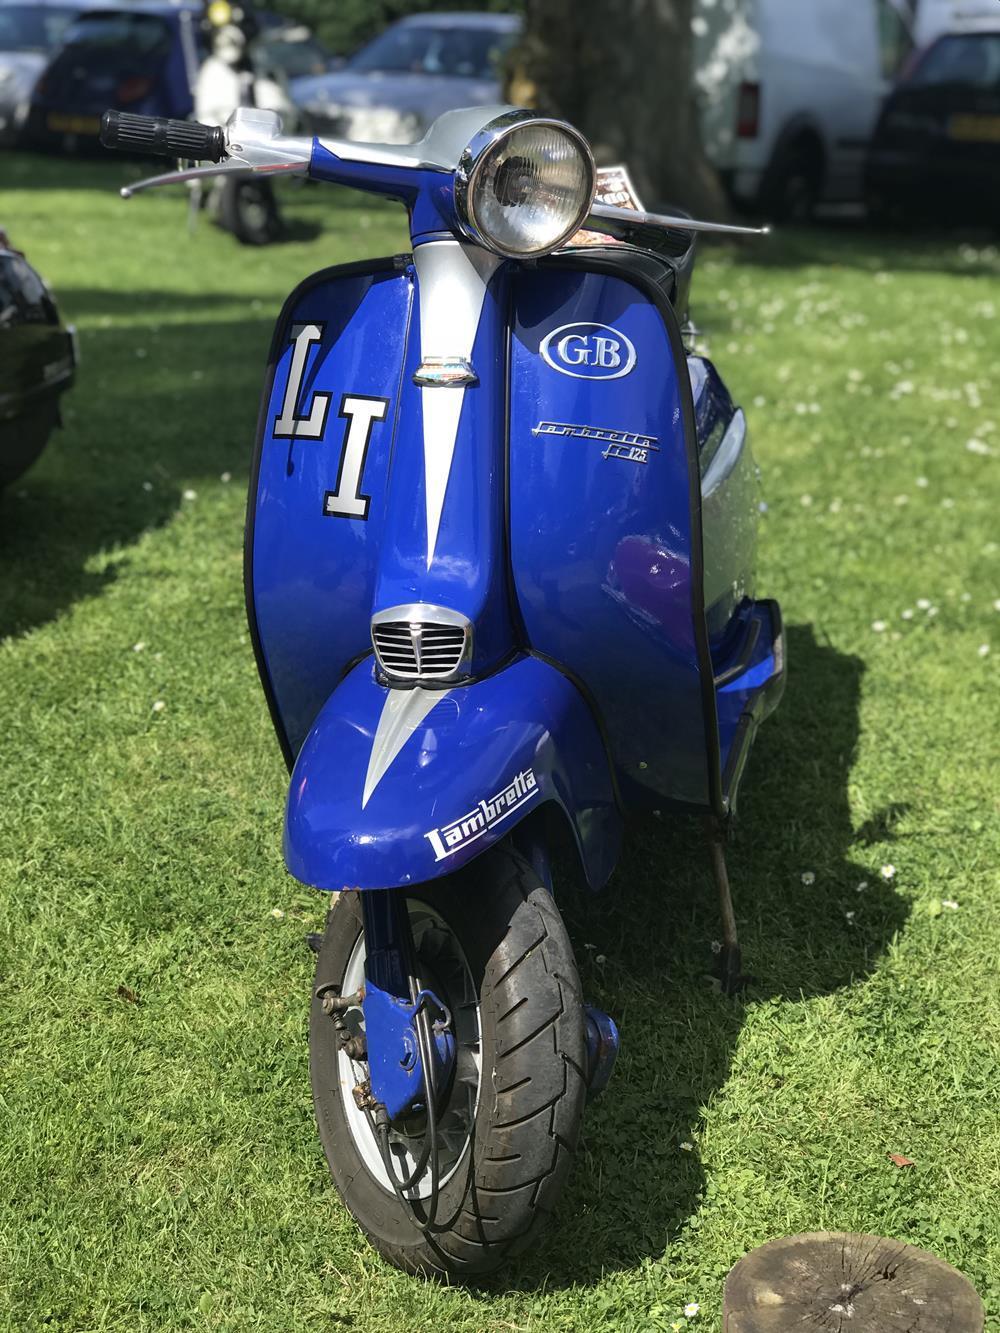 Blue LI Lambretta scooter